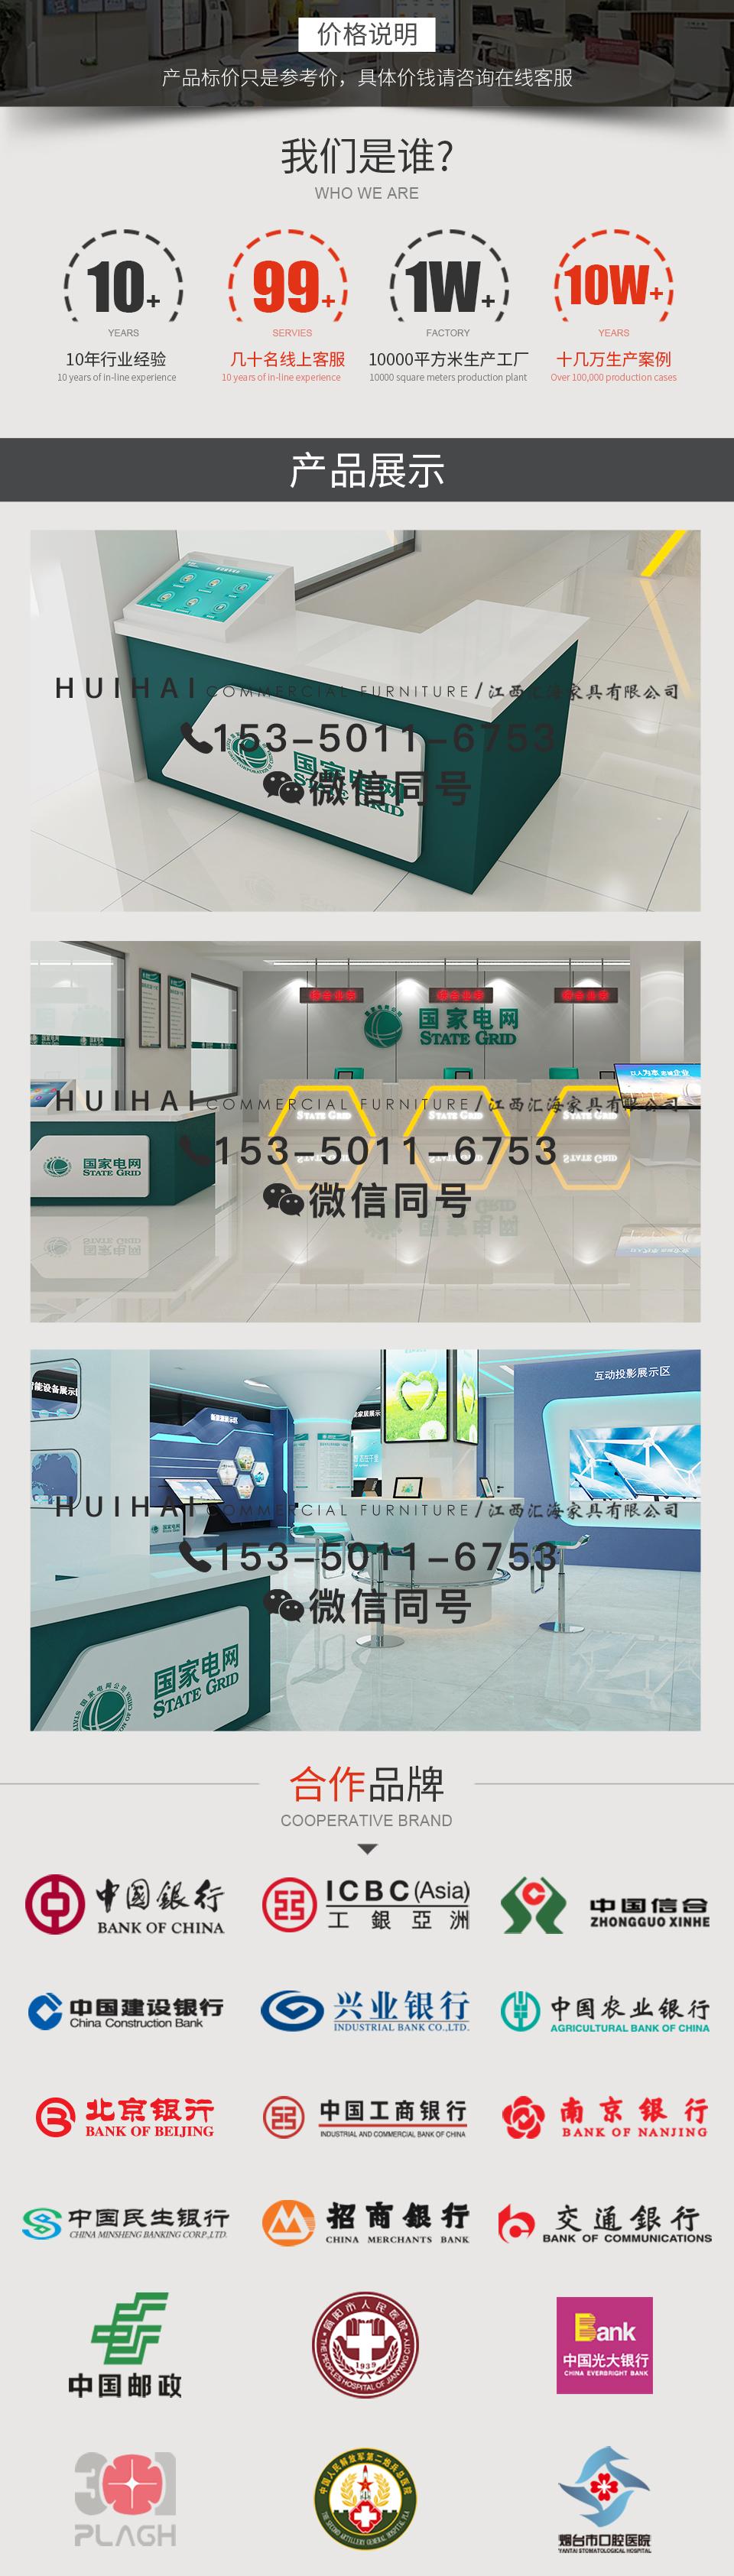 國家電網-智能前臺.jpg